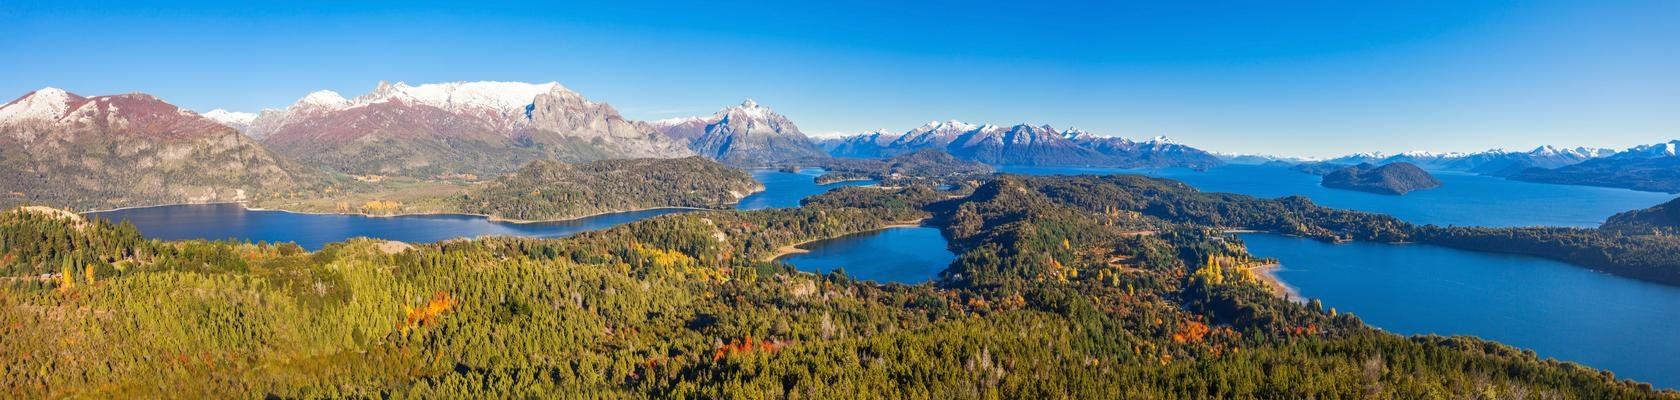 Merengebied rondom Bariloche